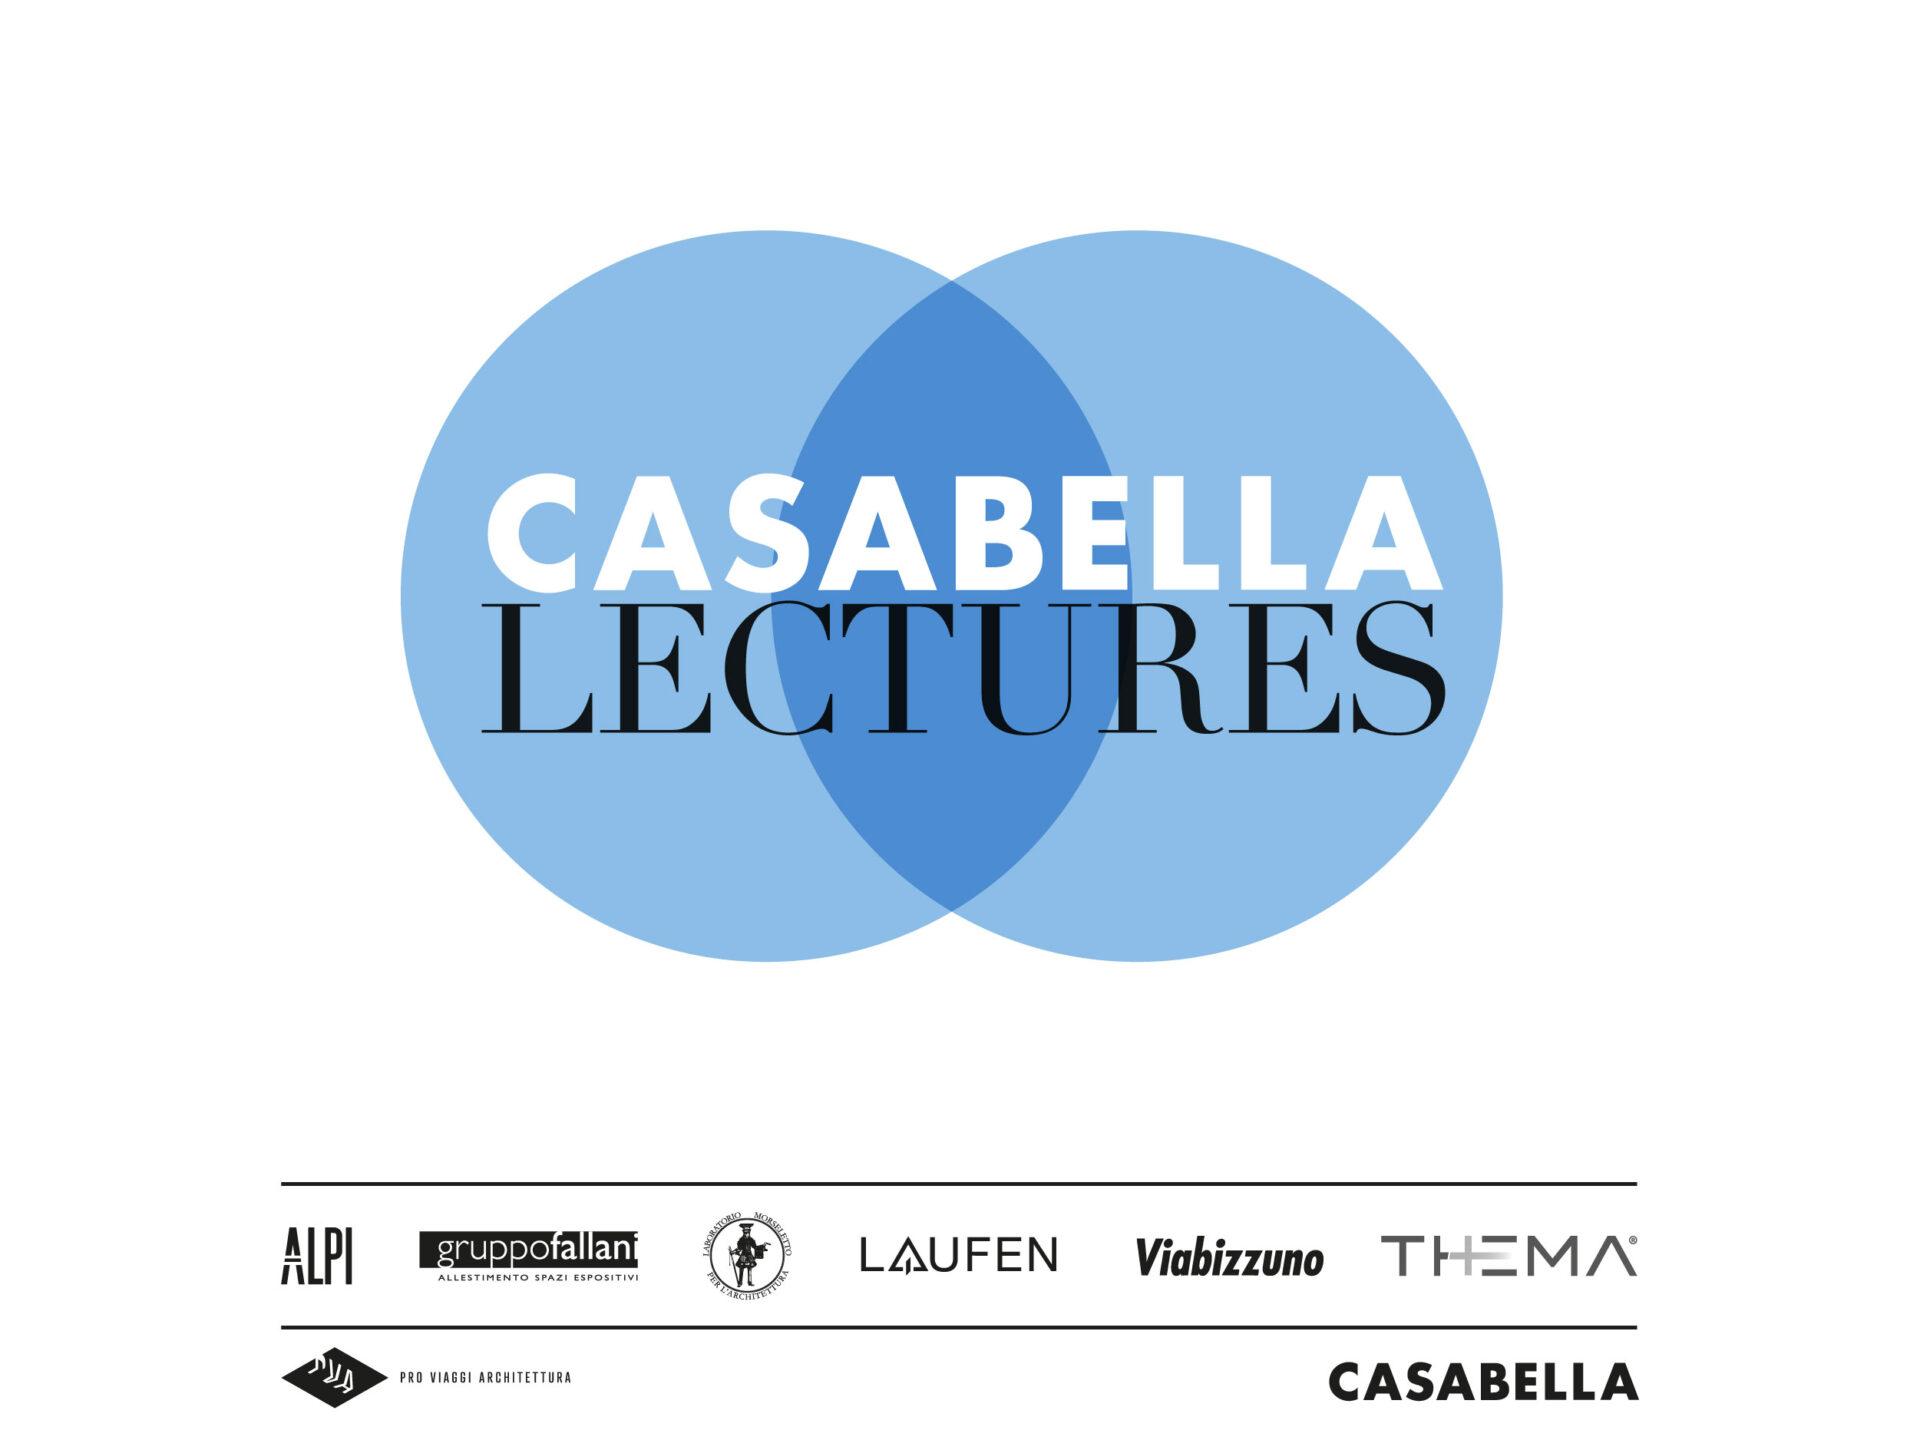 Casabella lectures